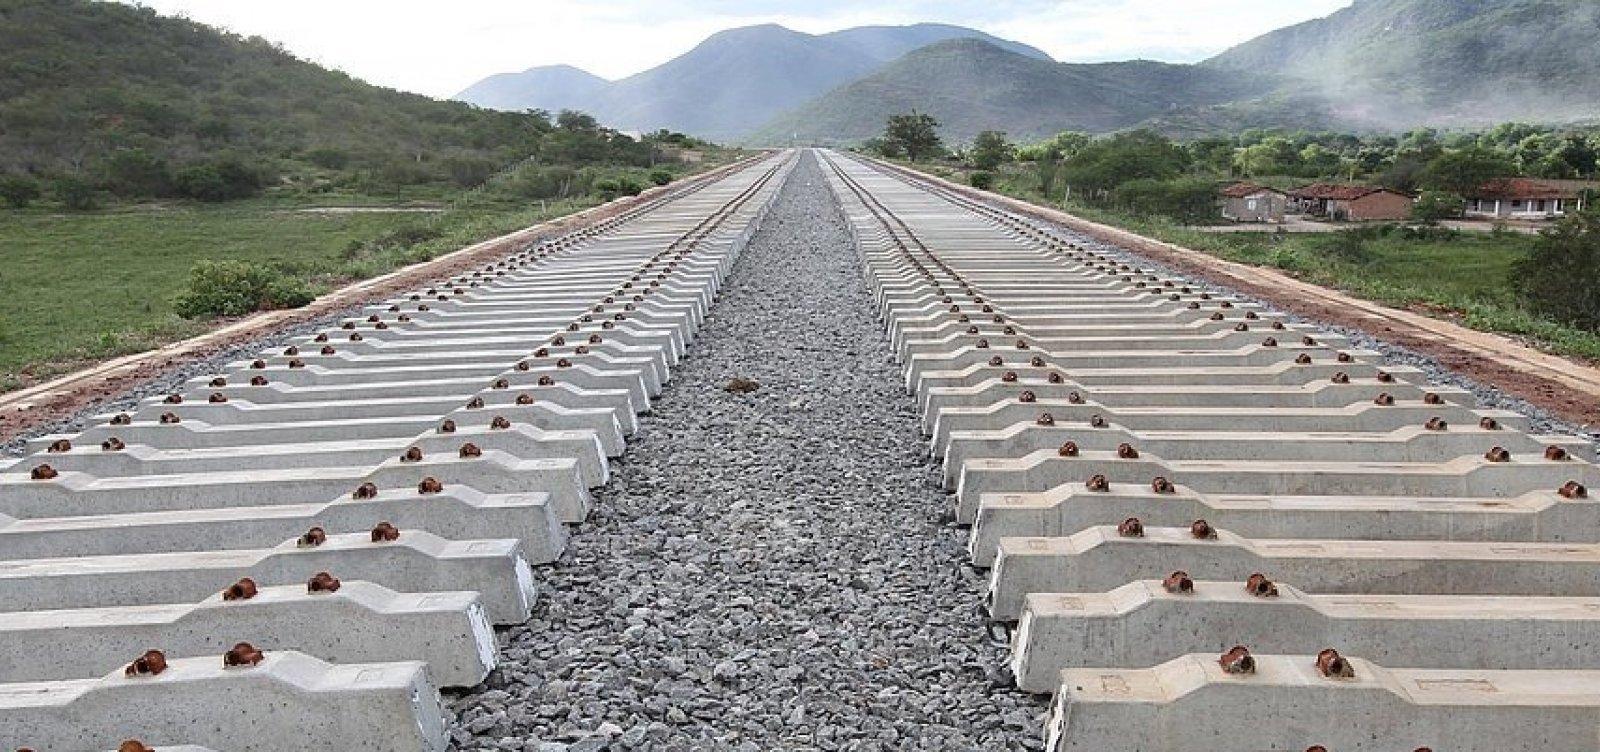 Bamin arremata Ferrovia de Integração Oeste-Leste por R$ 32,7 milhões